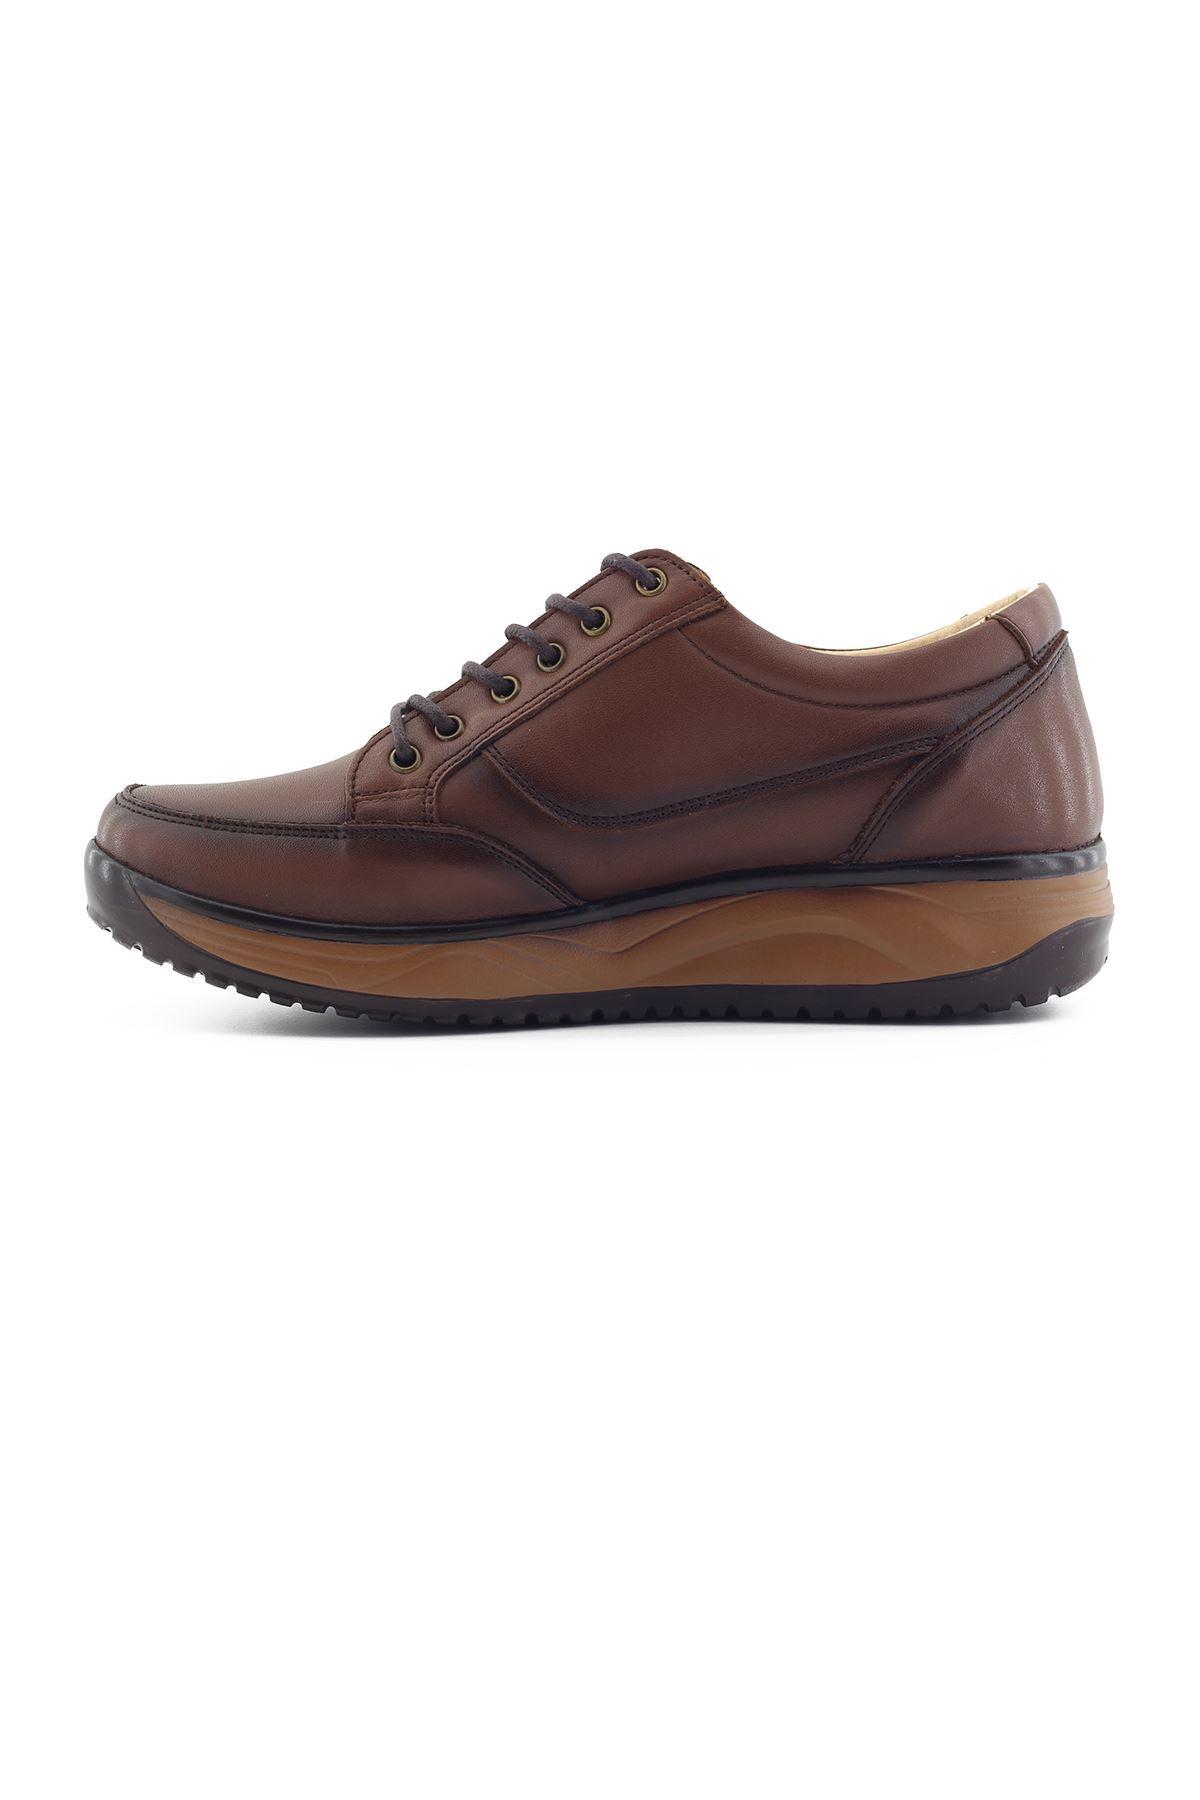 1655 Taba Erkek Yürüyüş Ayakkabısı